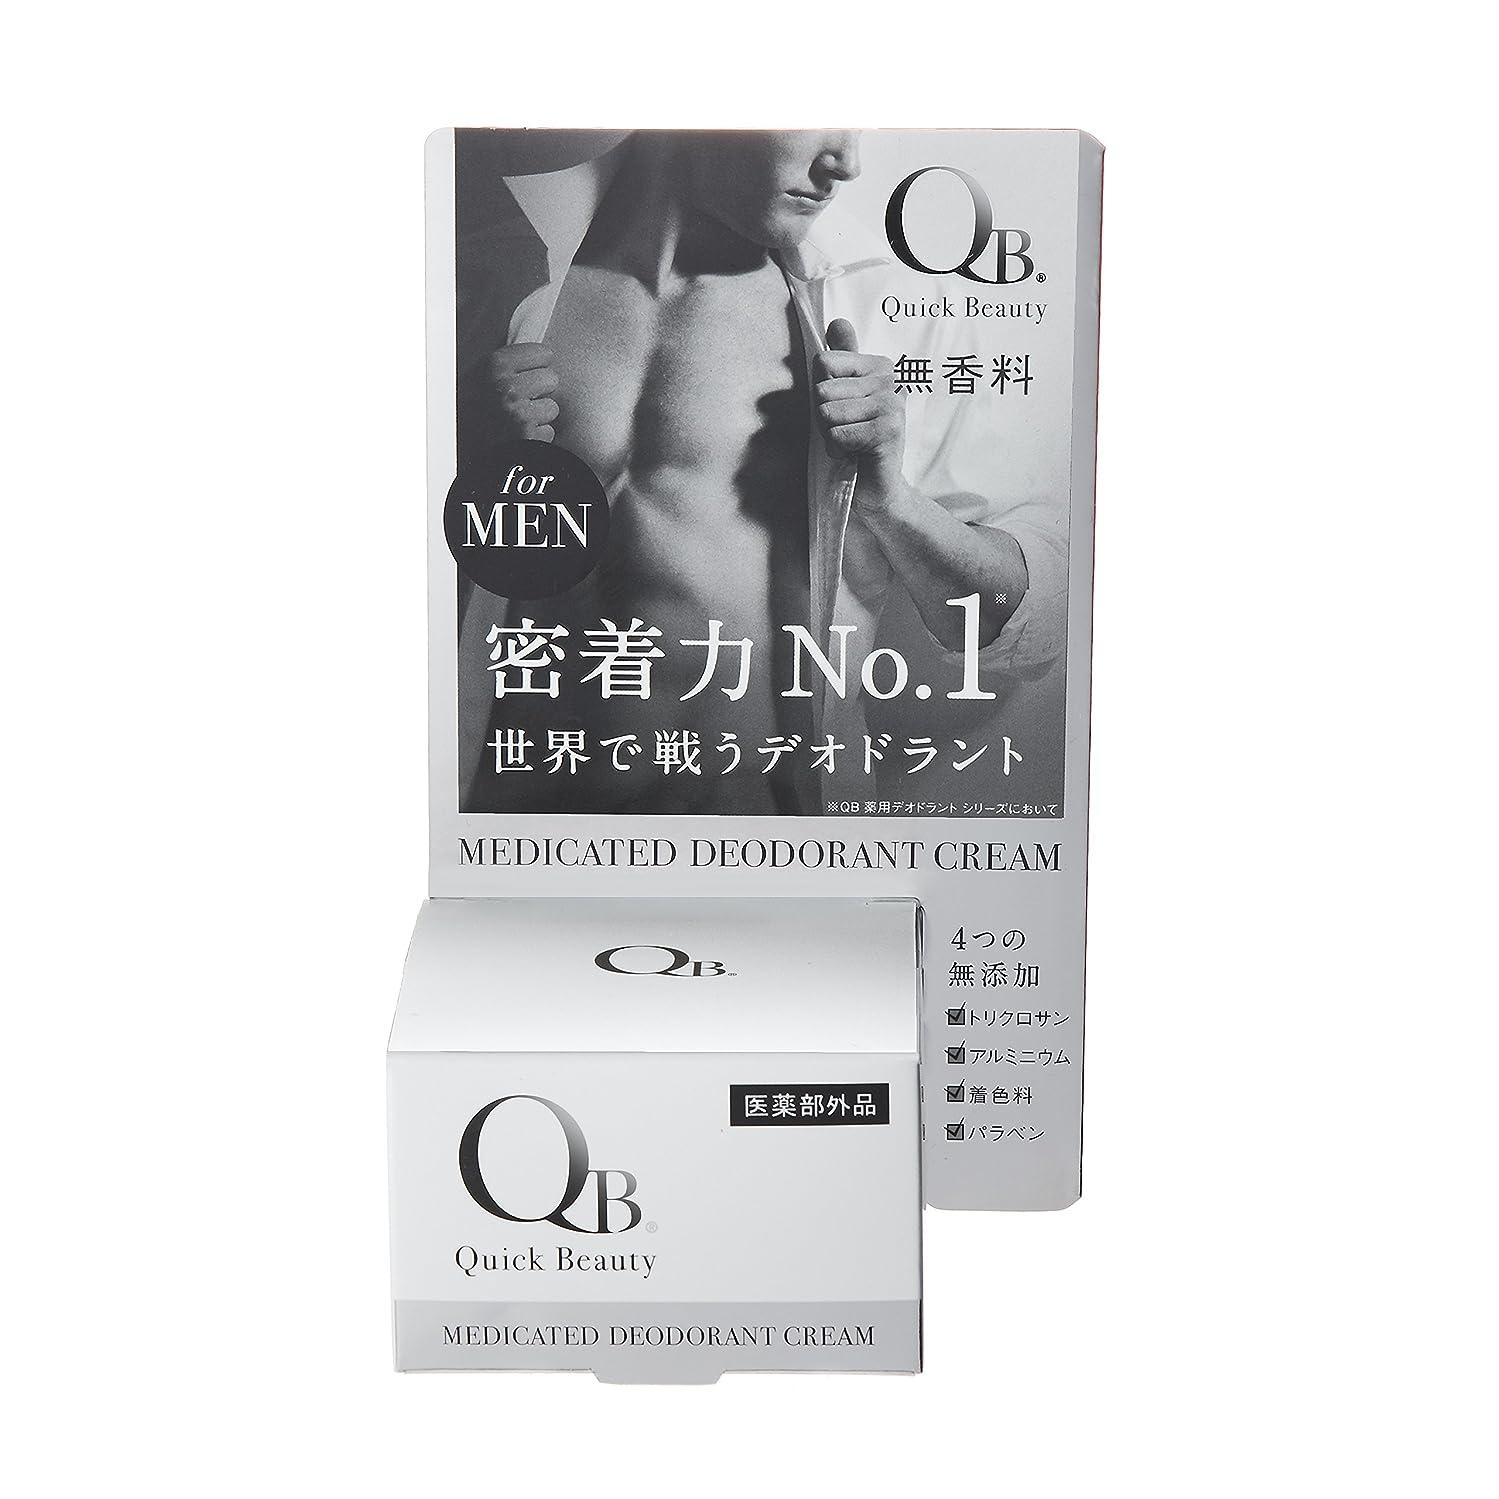 ドラム飢え削除するQB 薬用デオドラントクリーム メンズ 30g